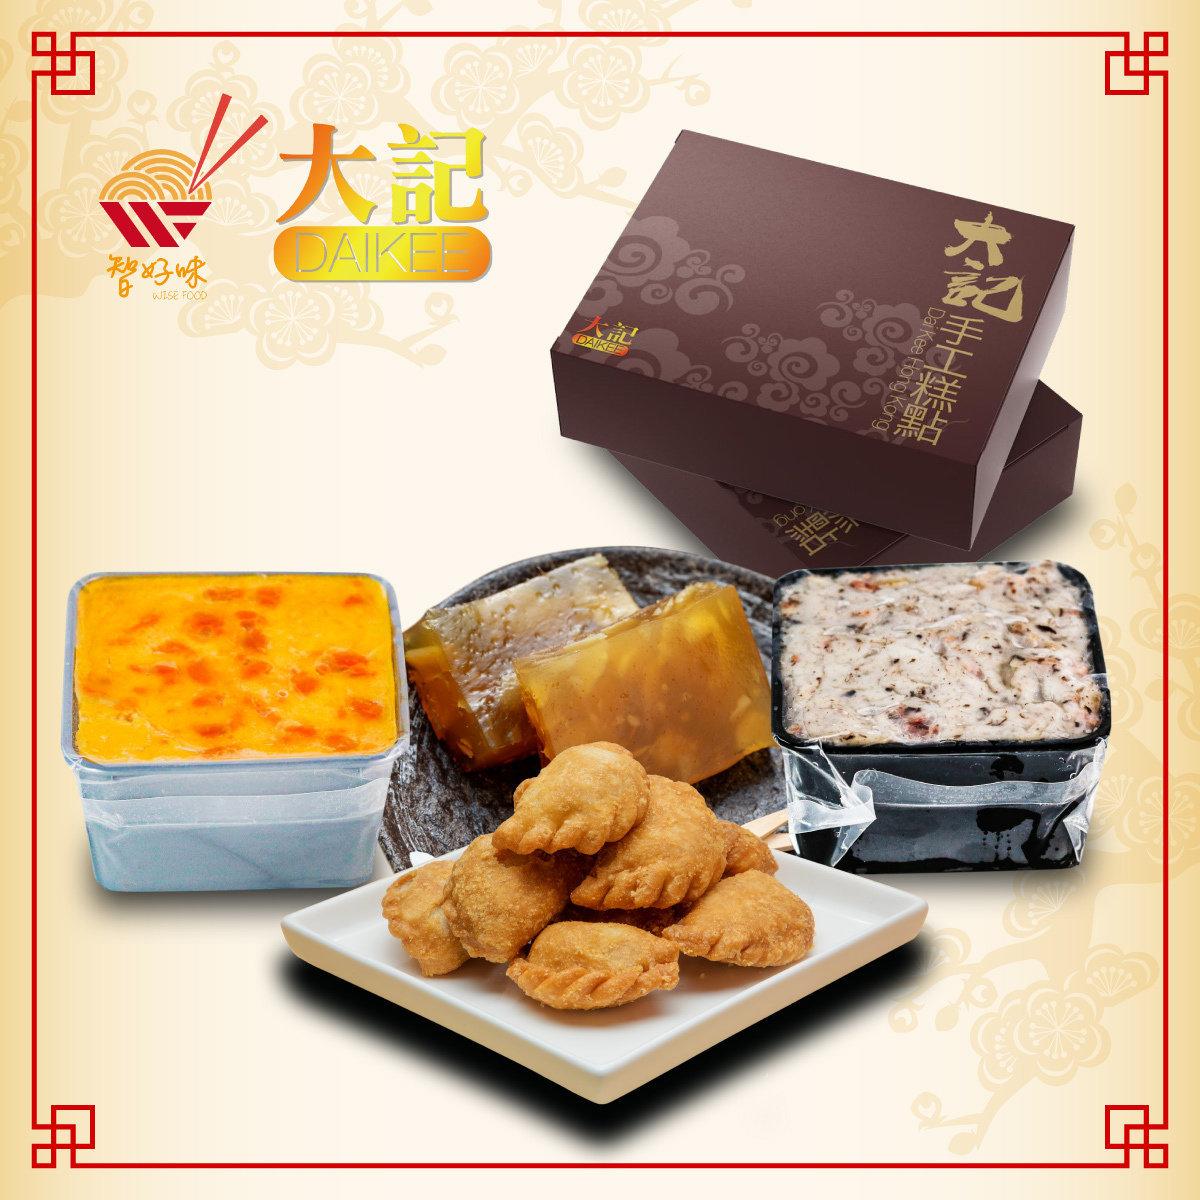 1 Set - CNY Cake Set【Self Pick-up Only】